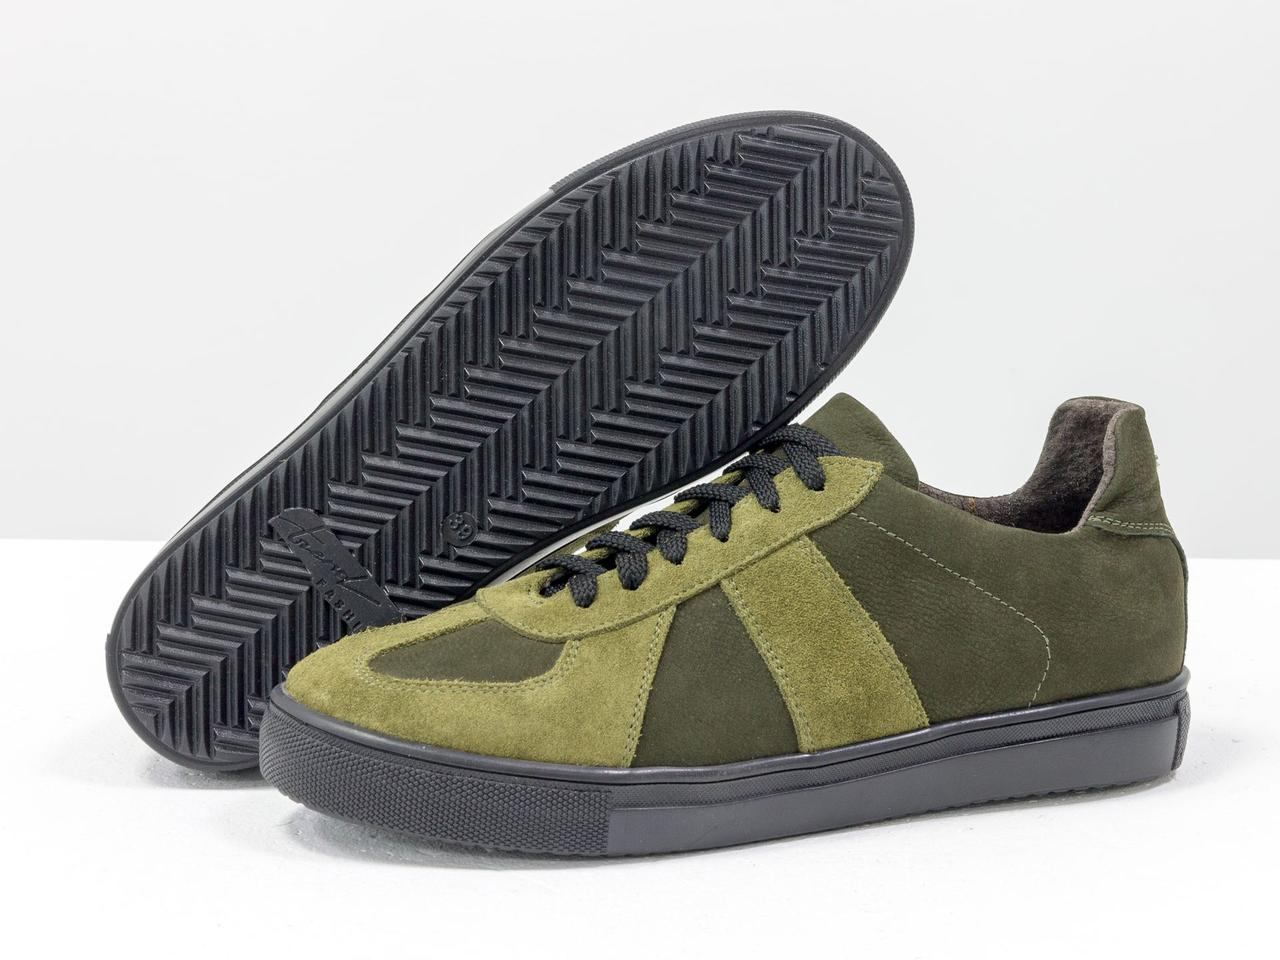 Стильные кроссовки из натуральной замши и матовой кожи оливкового и болотного цвета 41 - фото 4